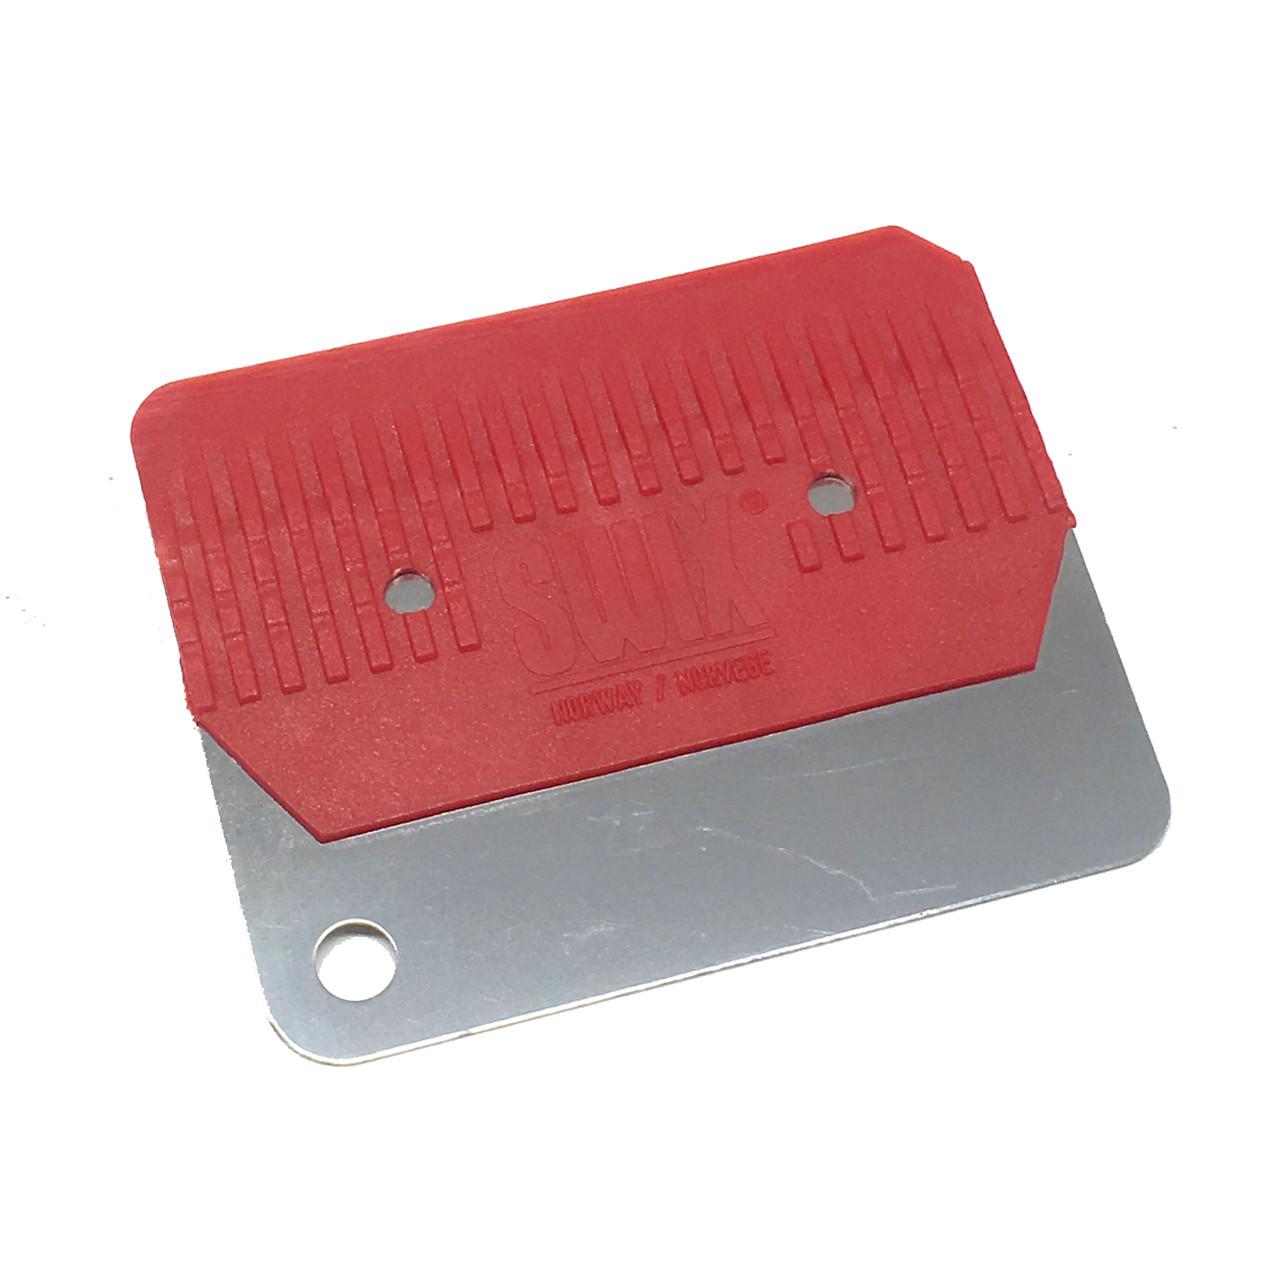 FK SKS 5mm Plexi Scraper